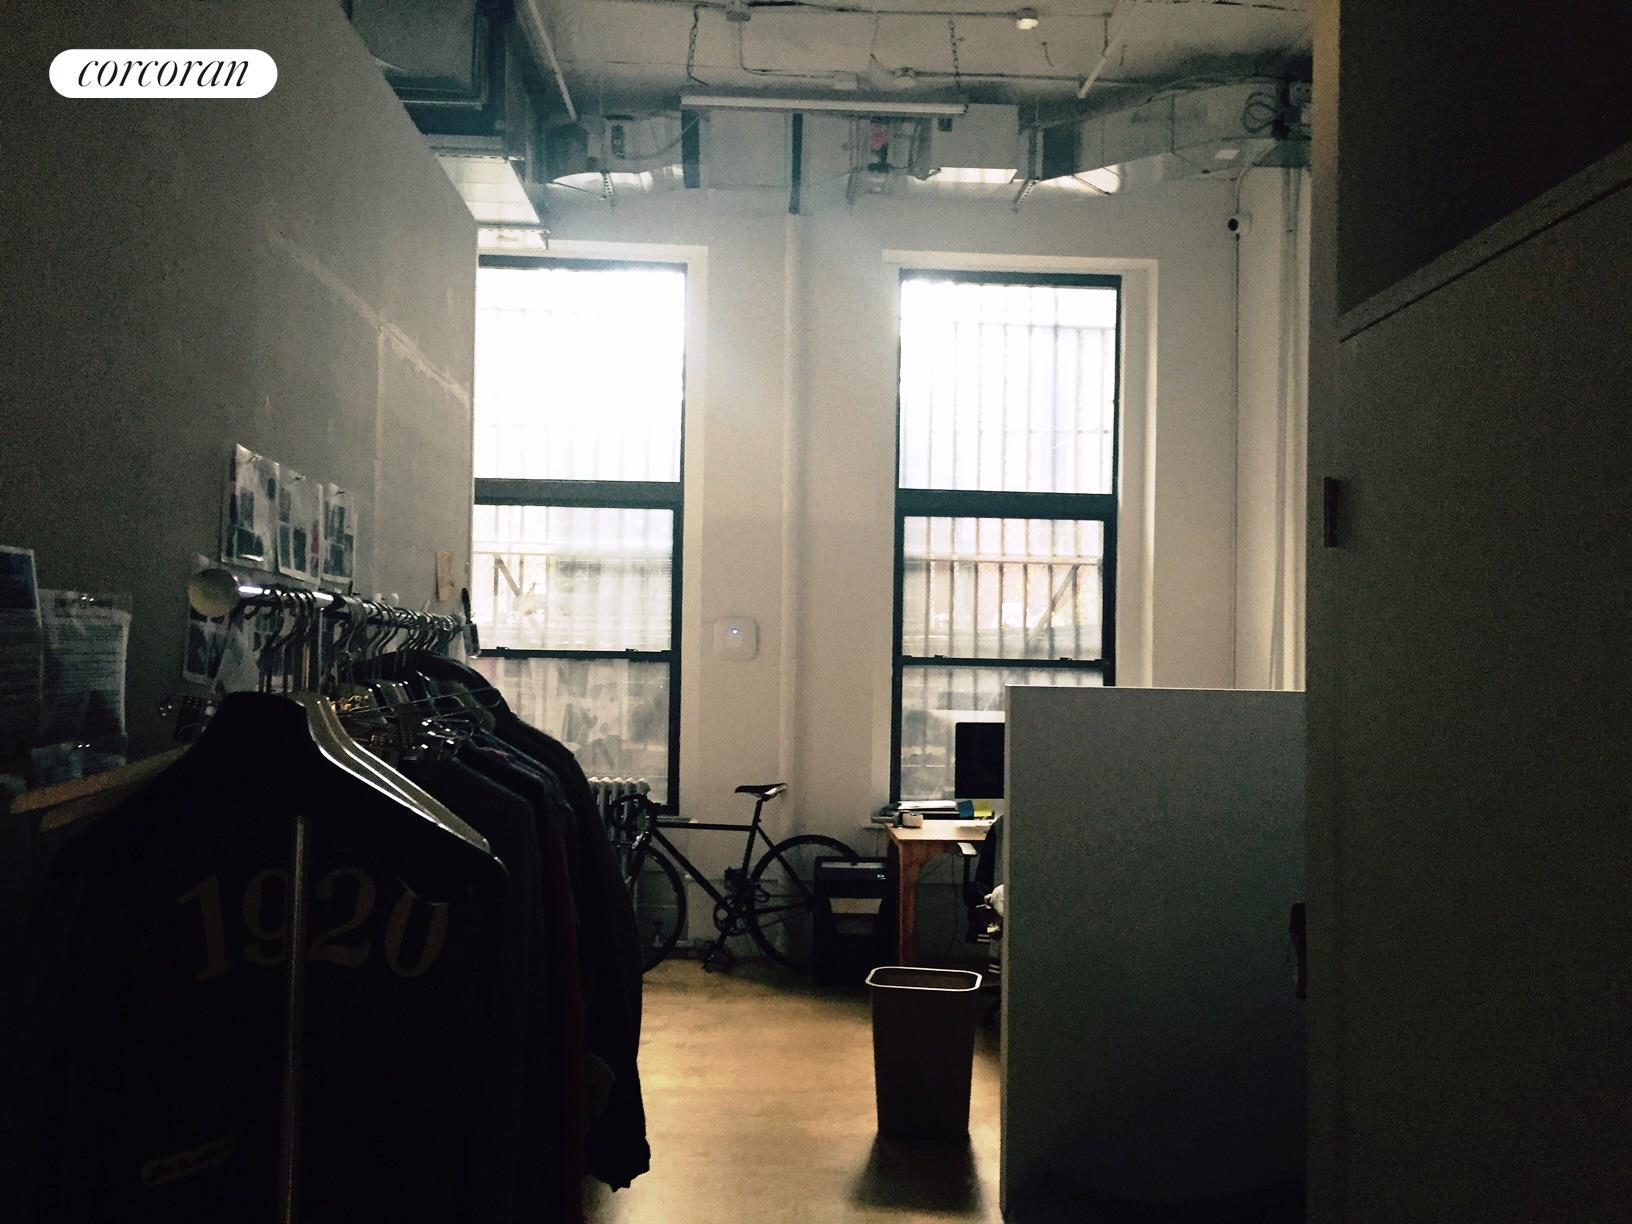 Corcoran 224 Grand Street Apt Unit 4 Williamsburg